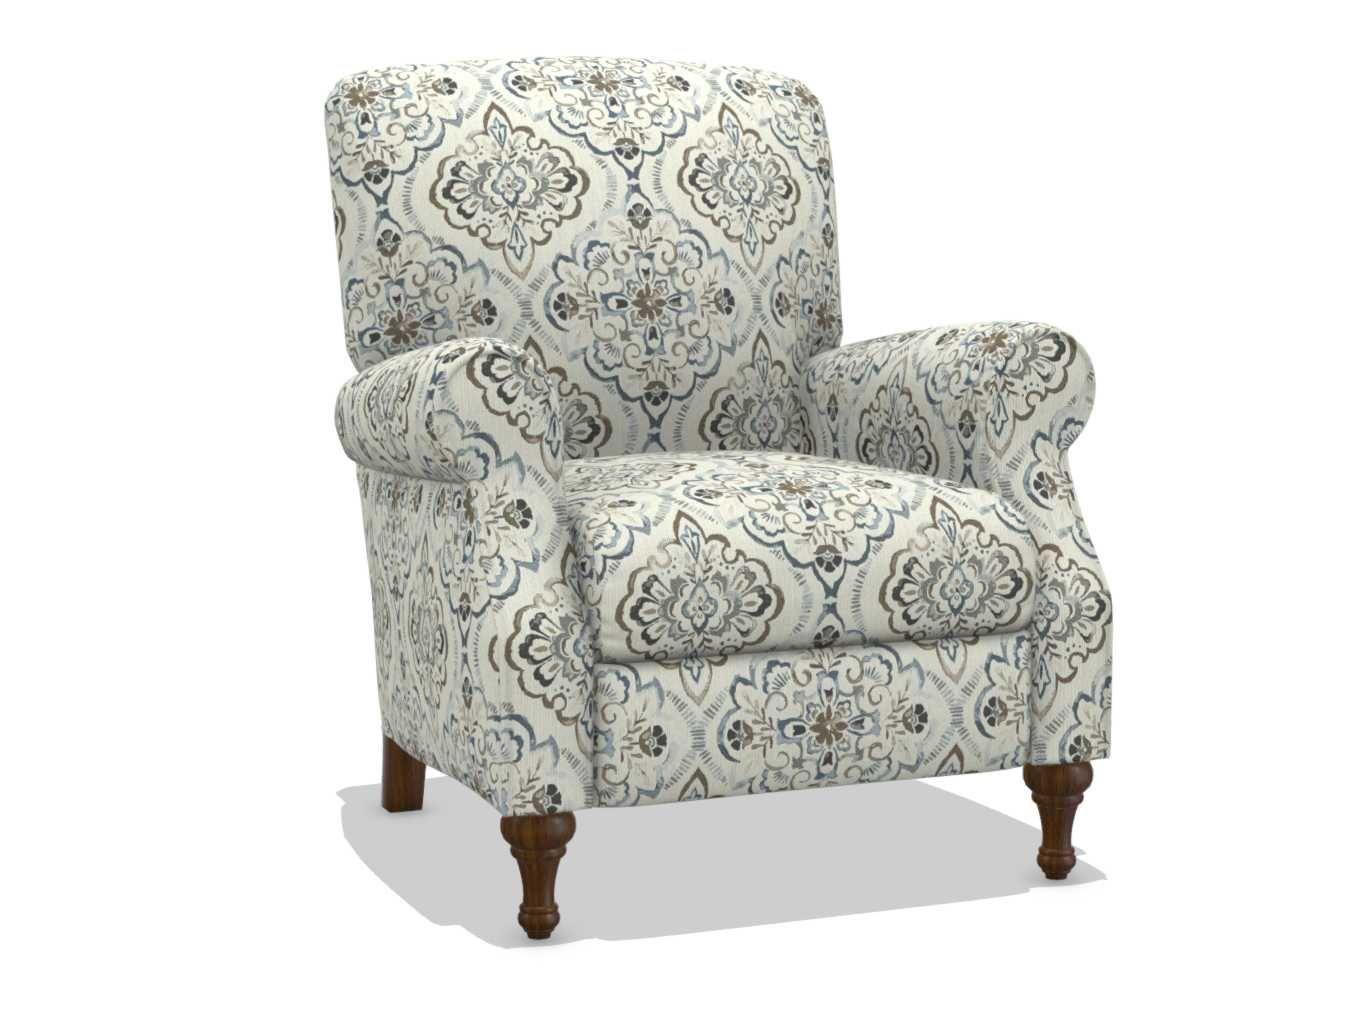 Raleigh High Leg Reclining Chair Arm Chairs Living Room Accent Chairs For Living Room Recliner Chair #swivel #reclining #chairs #for #living #room